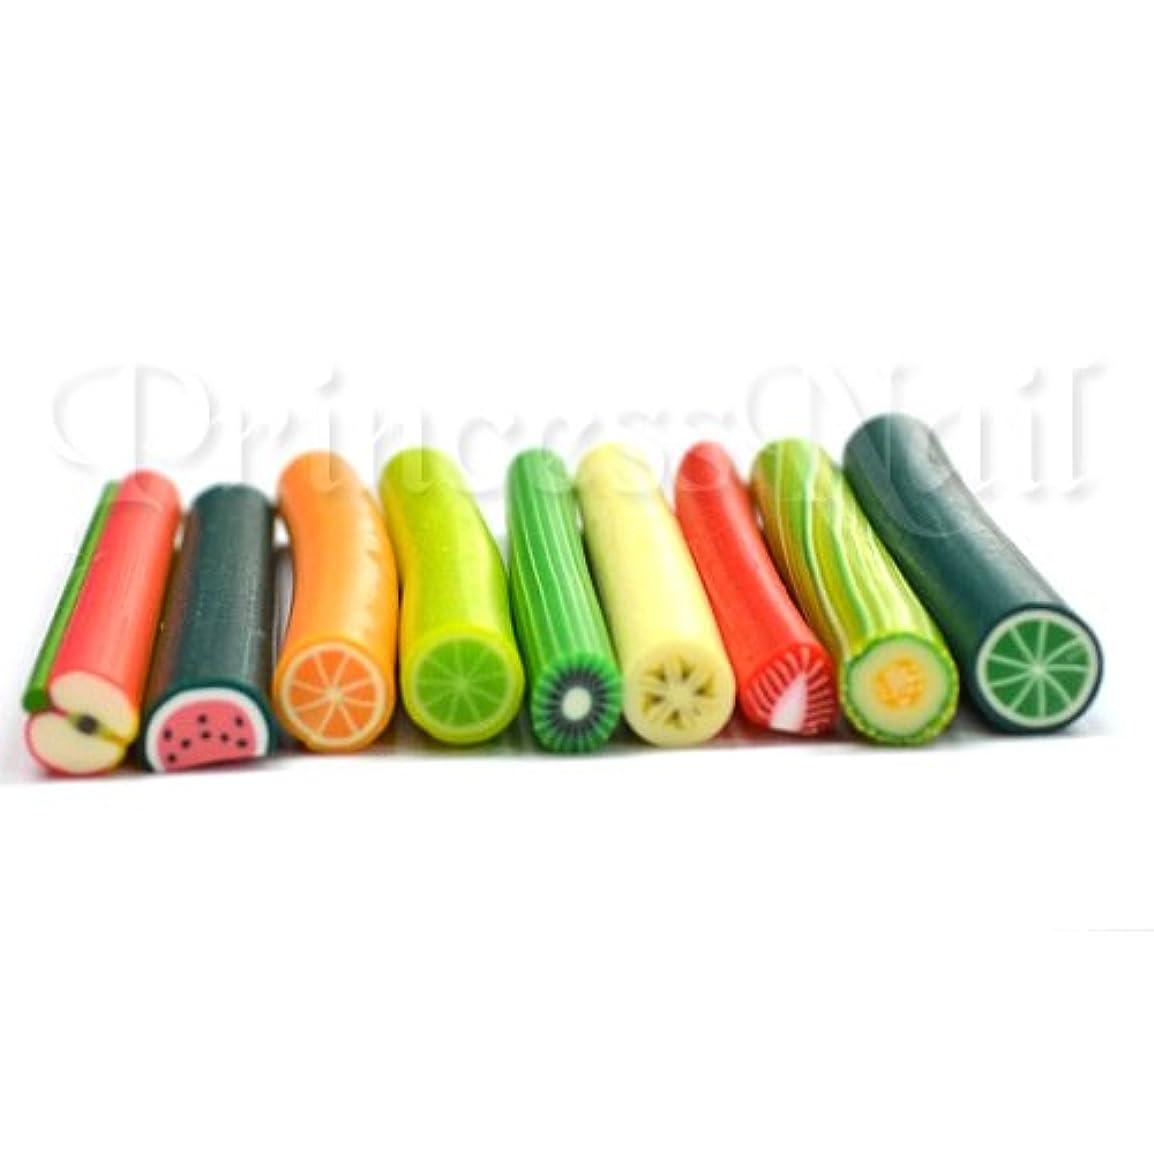 好きインセンティブソケットフルーツ棒9種類セット 長さ約5cm直径平均5mm 薄くスライスして爪やデコに!